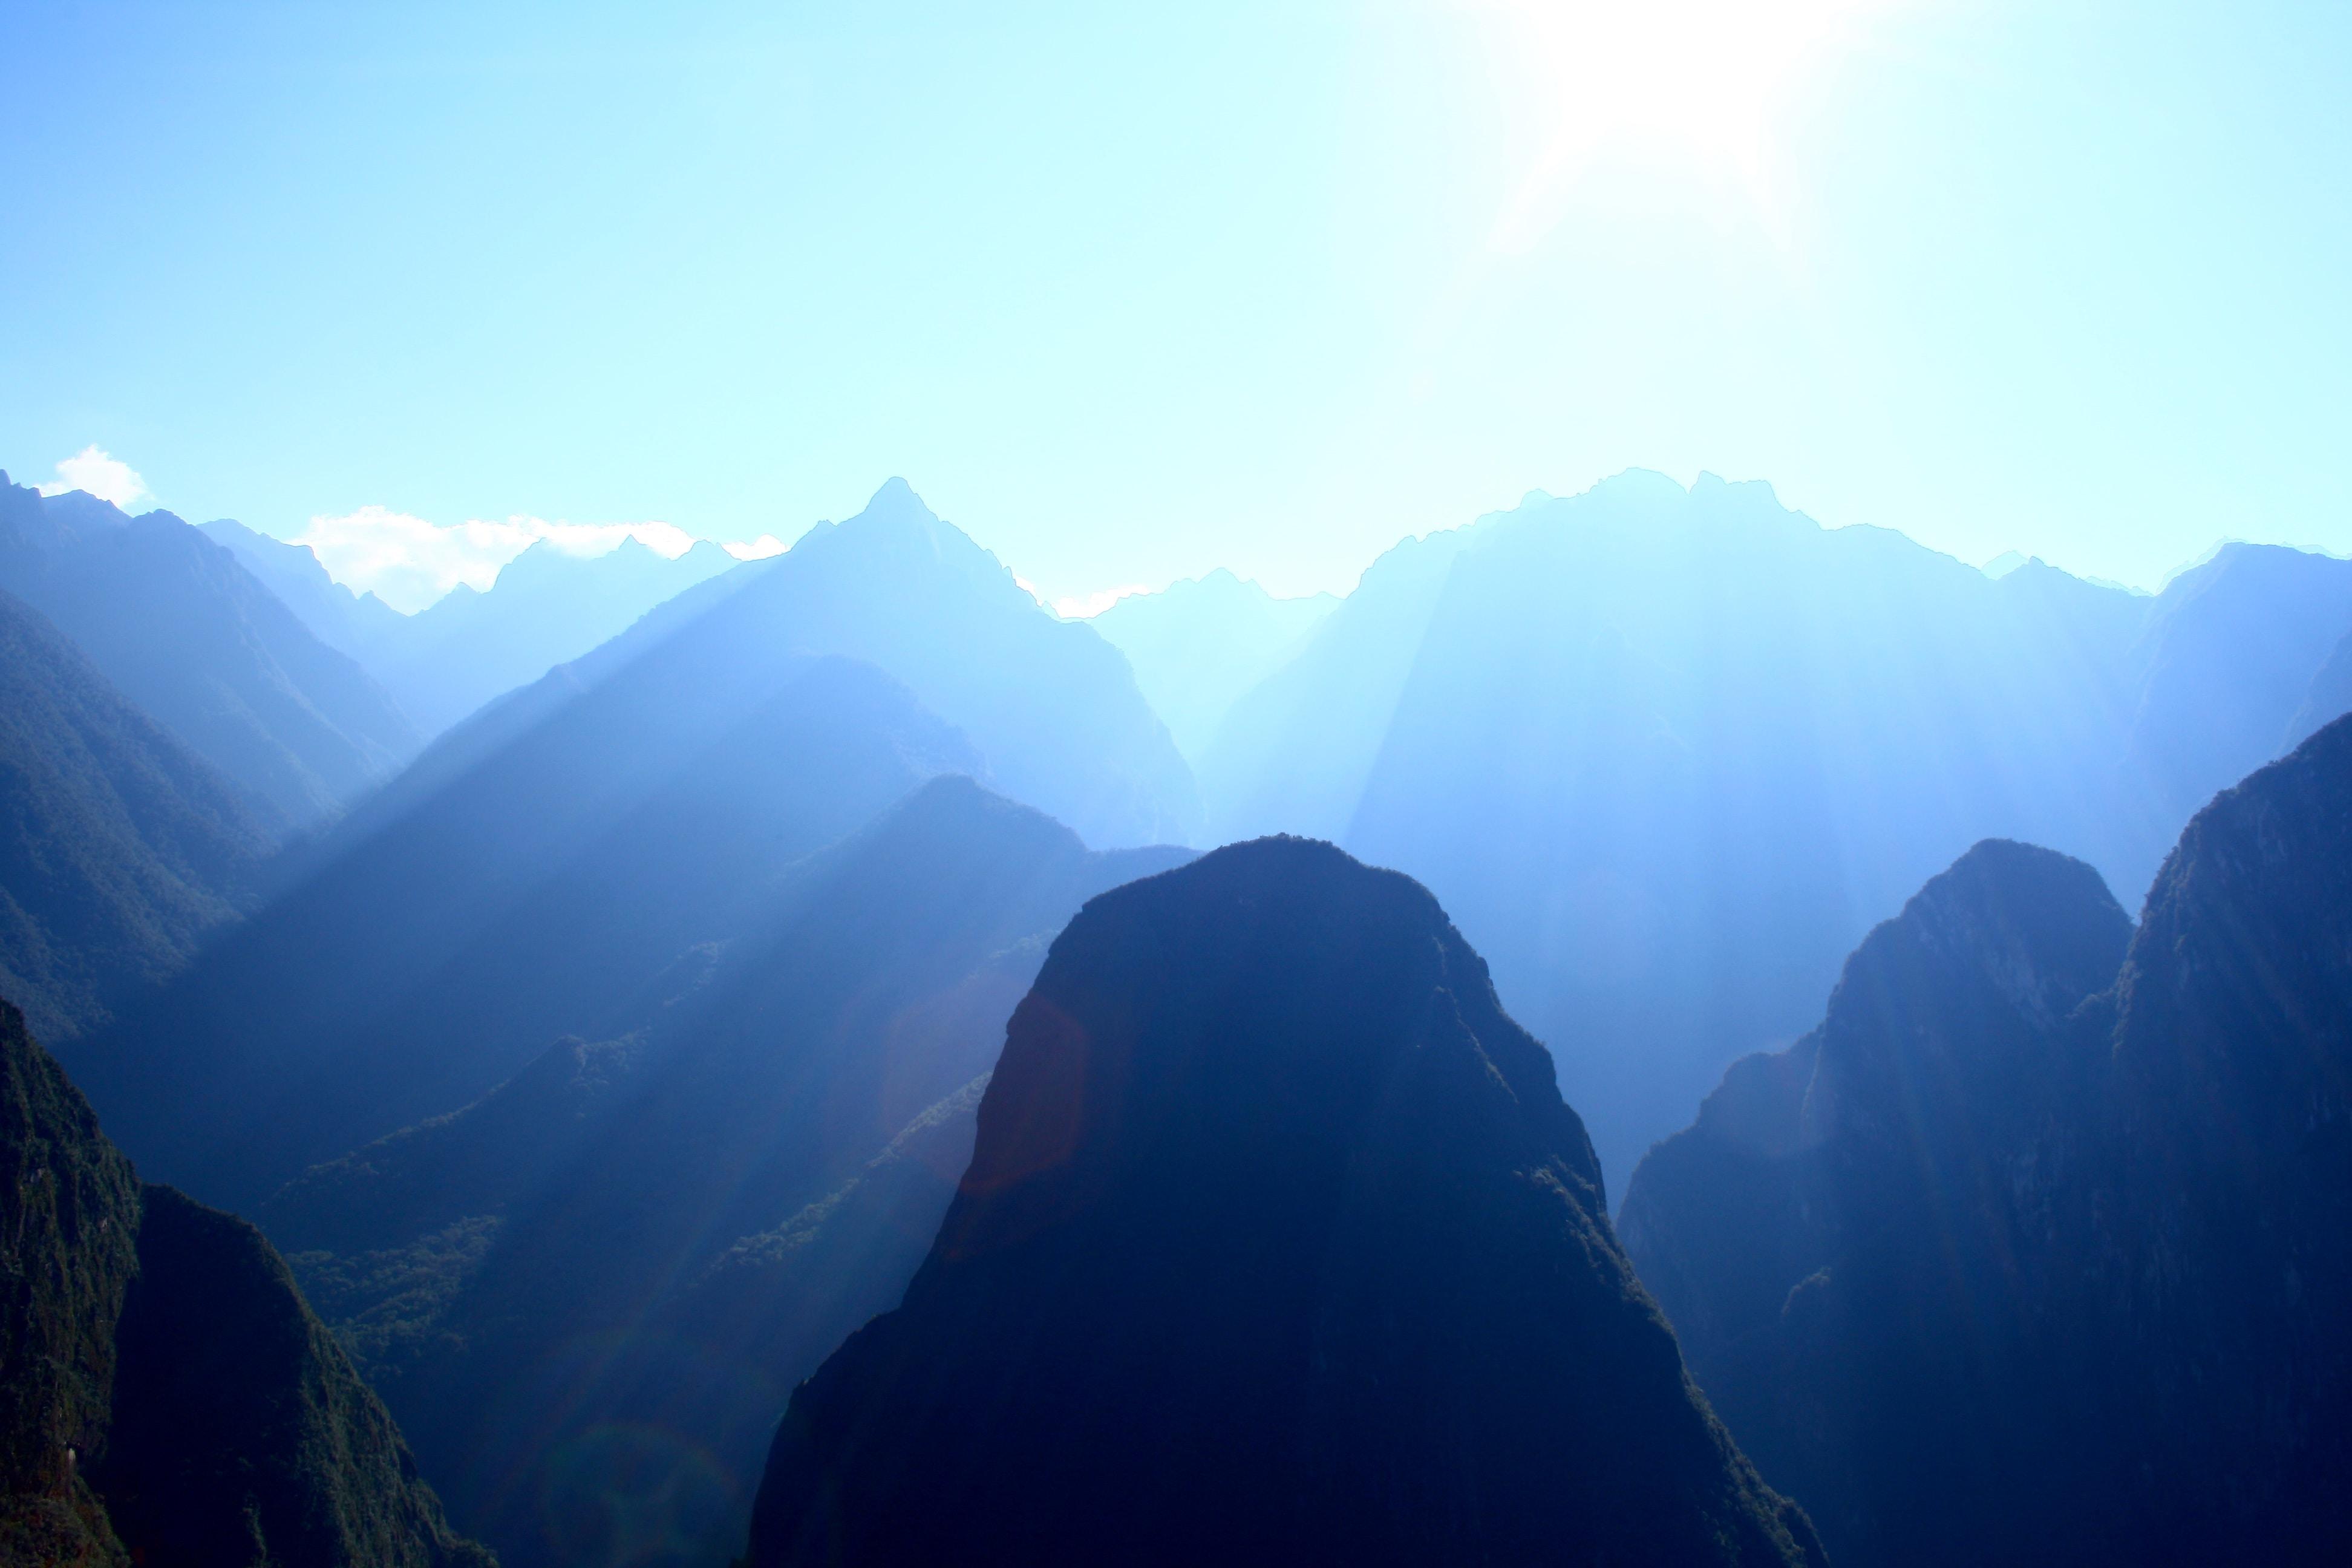 Sunlight fills green mountain valleys near Machu Picchu